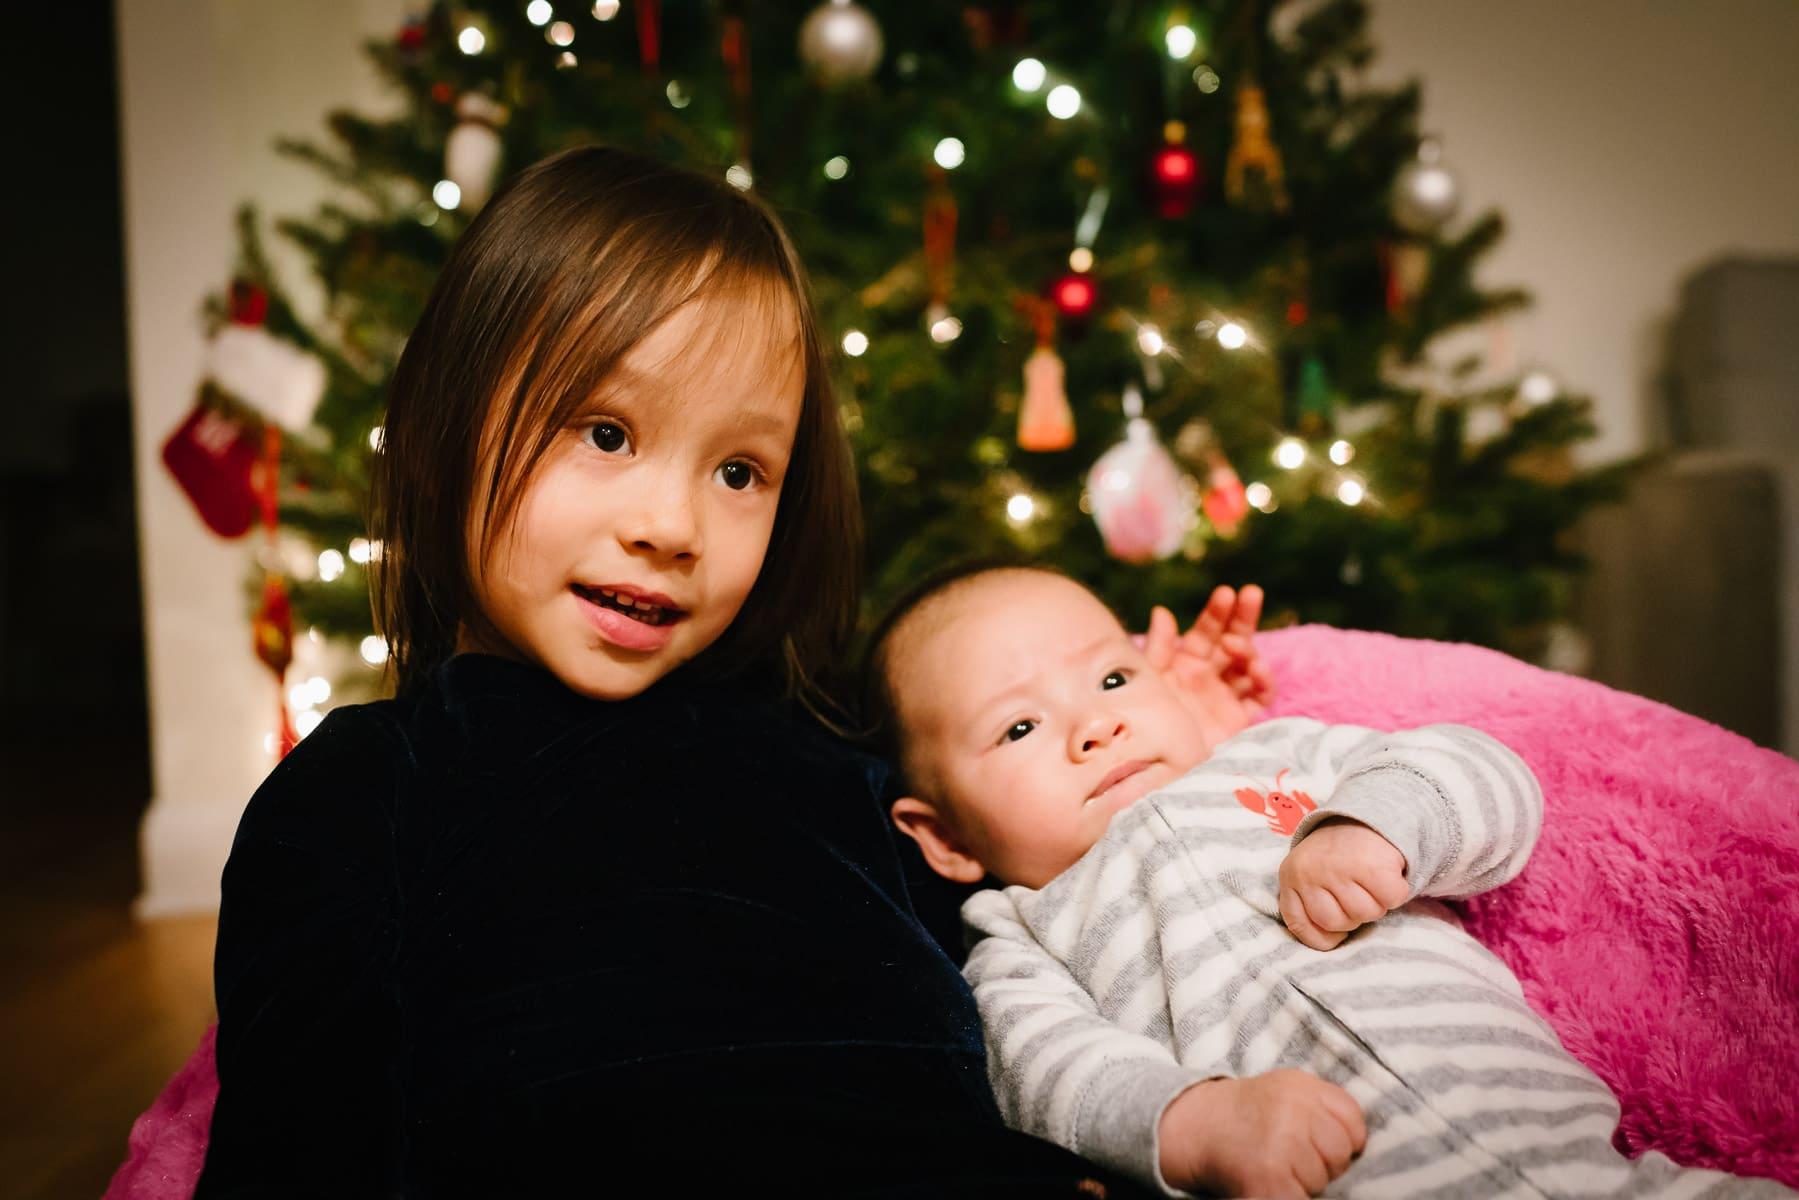 Familienfotograf Lörrach Freiburg Mädchen mit Baby